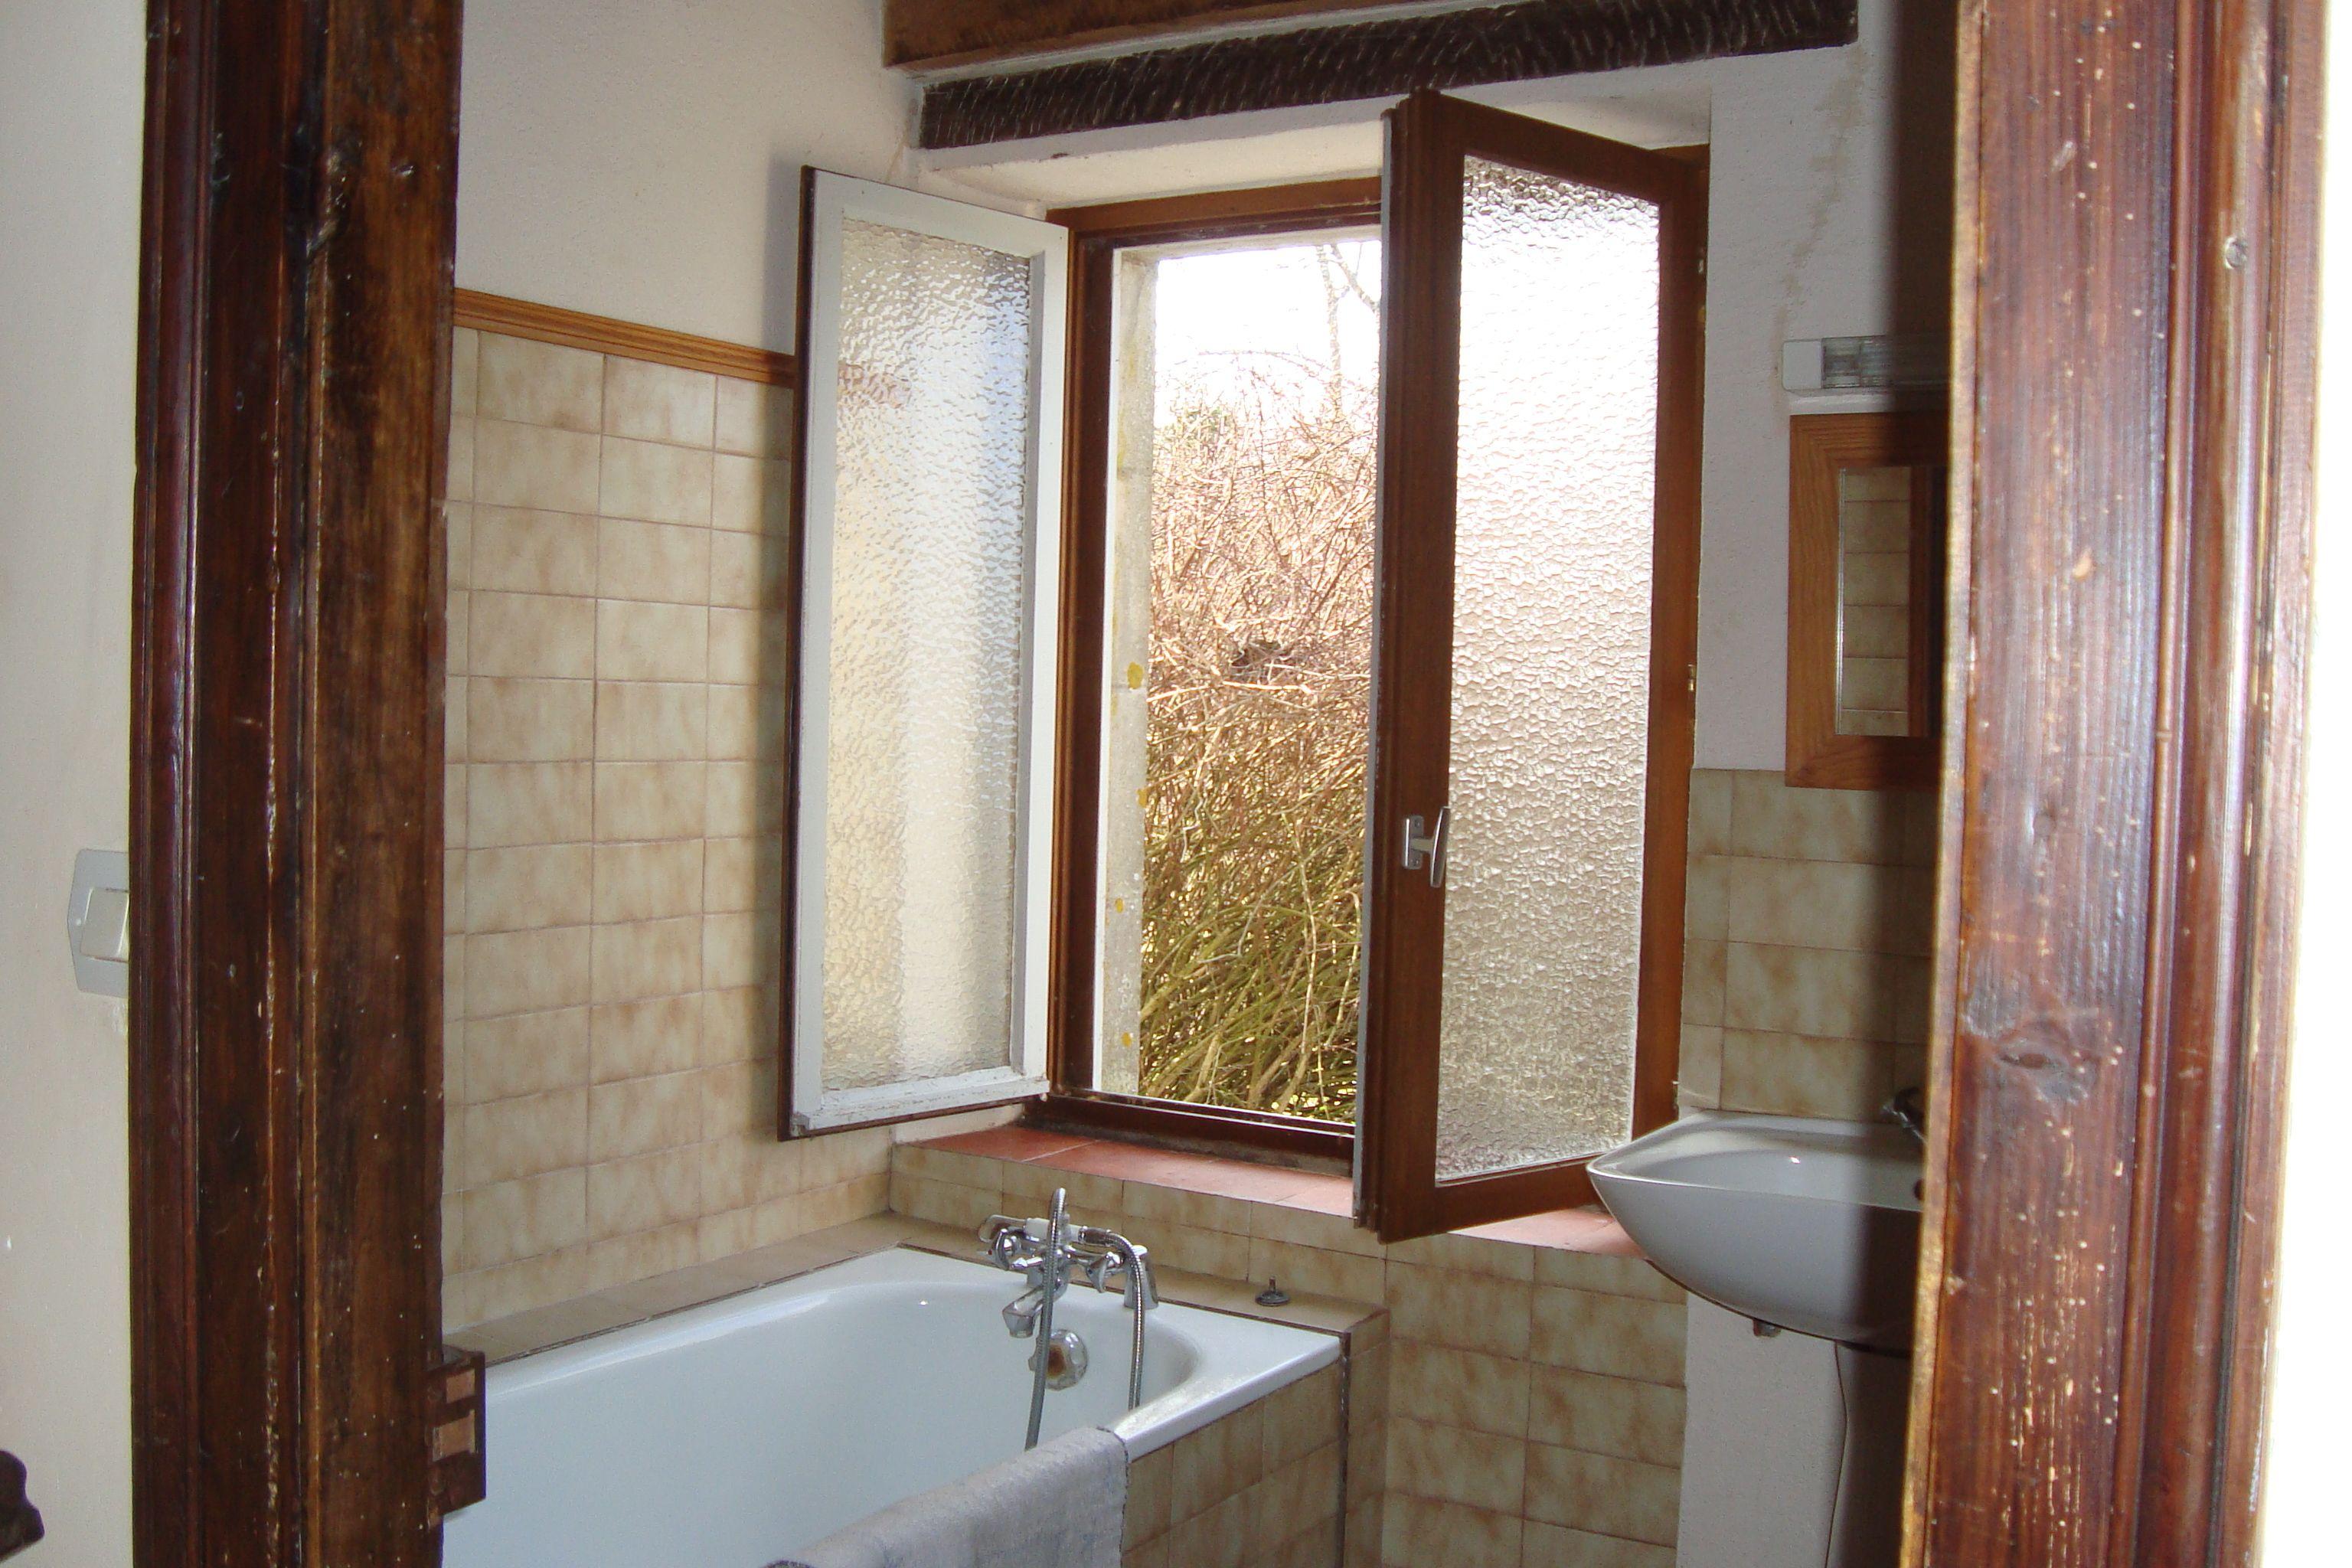 La salle de bains du rez-de-chaussée avec sèche serviettes, toilettes et sèche-linge